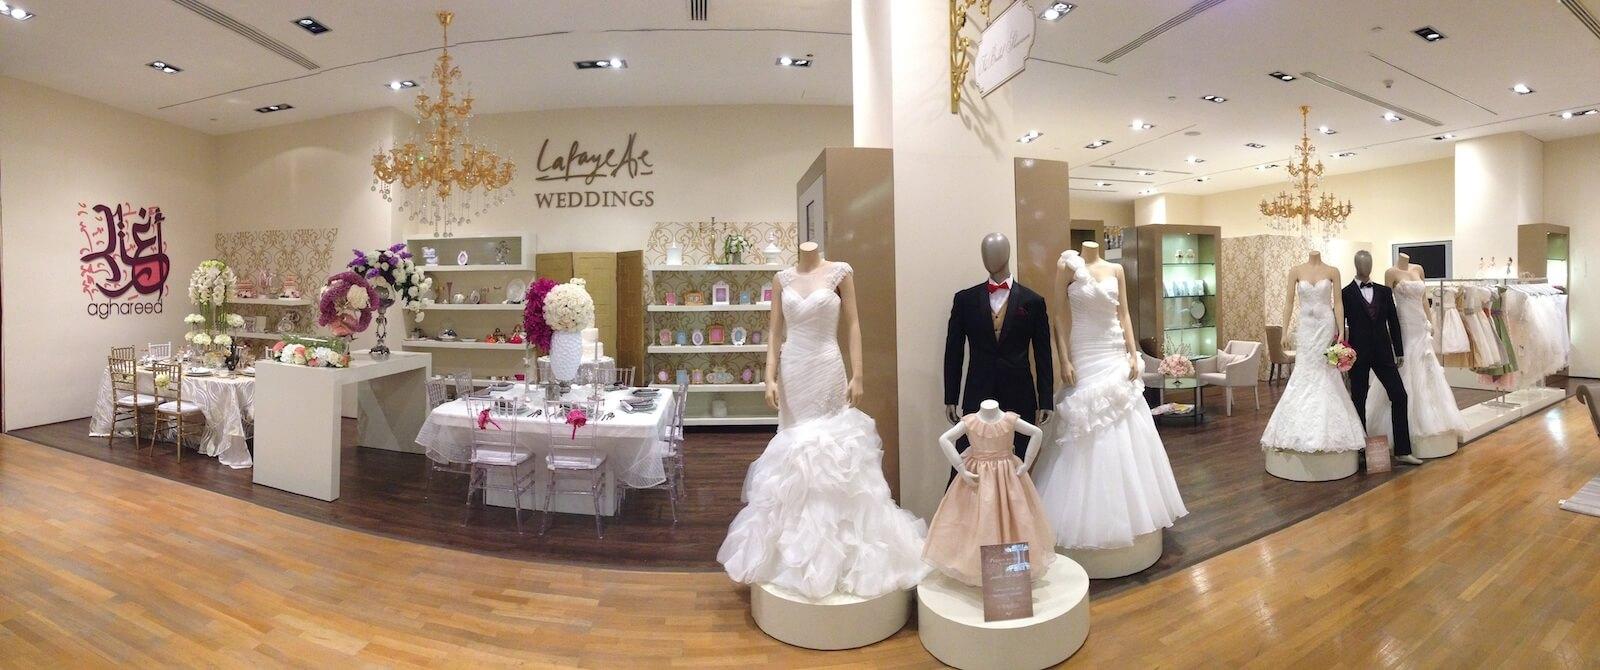 Wedding Gowns In Dubai Mall | Wedding